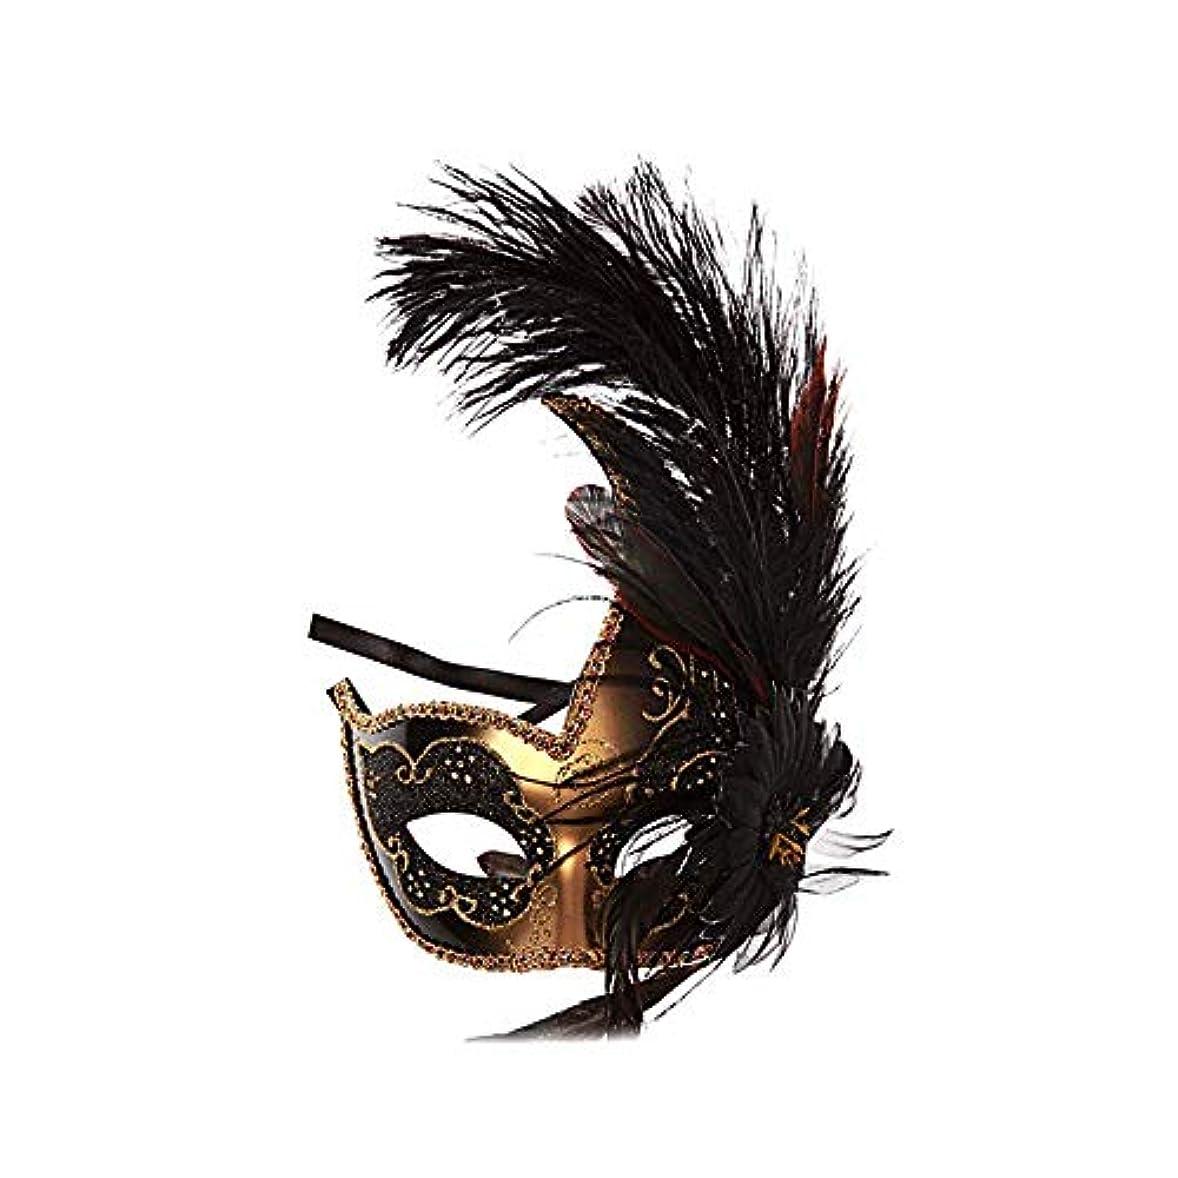 生態学送料メニューNanle ハロウィンマスクハーフフェザーマスクベニスプリンセスマスク美容レース仮面ライダーコスプレ (色 : Style B black)